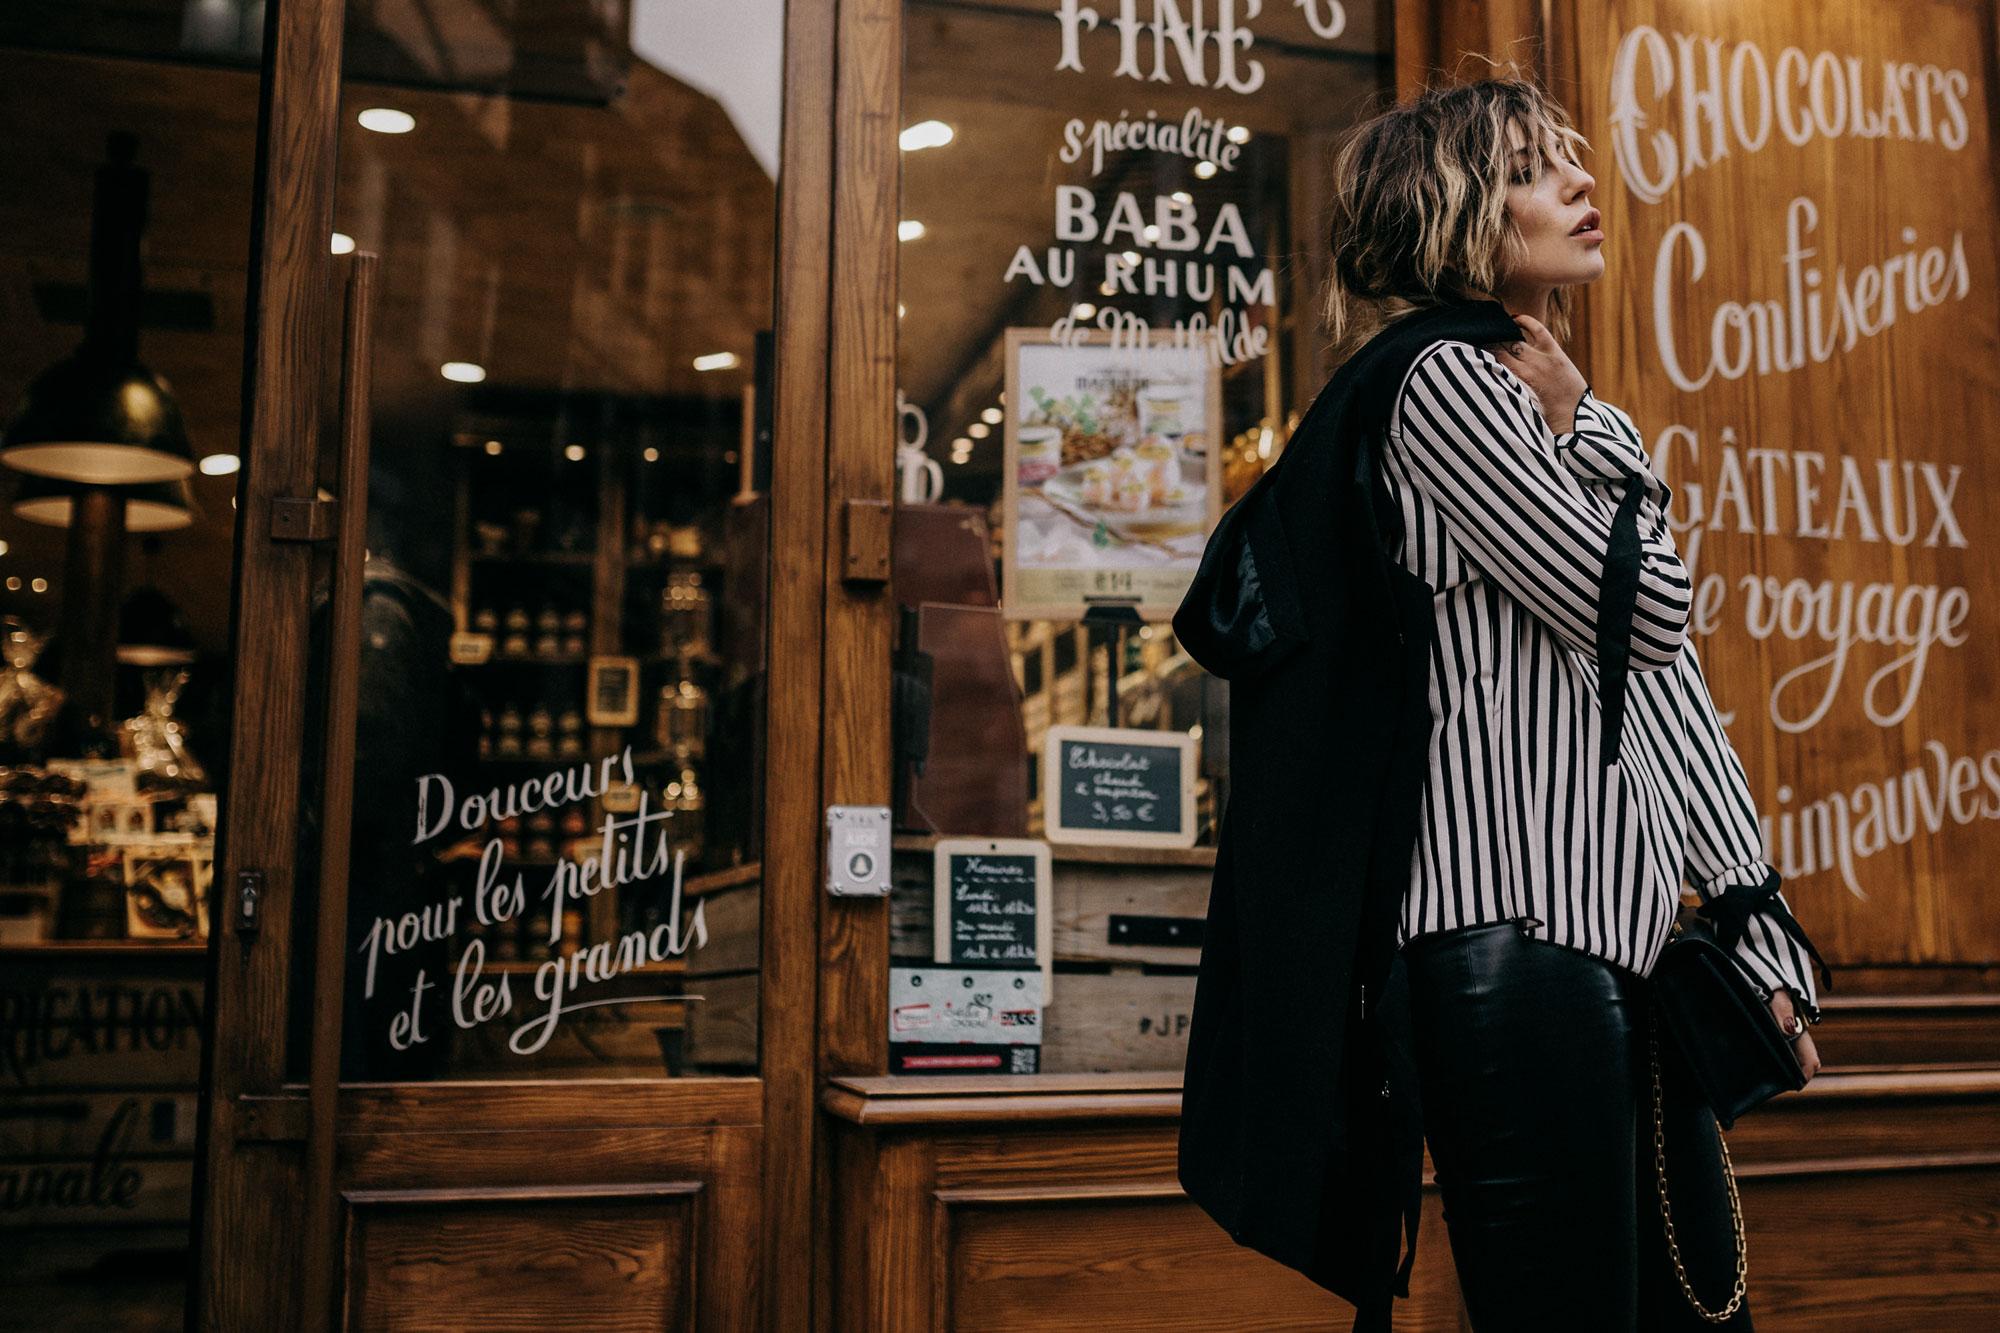 Как носить блузку с открытой спинкой, Маша Седжвик, Берлин, Блог, Блоггер, Германия, Романтичный, Vernorexia